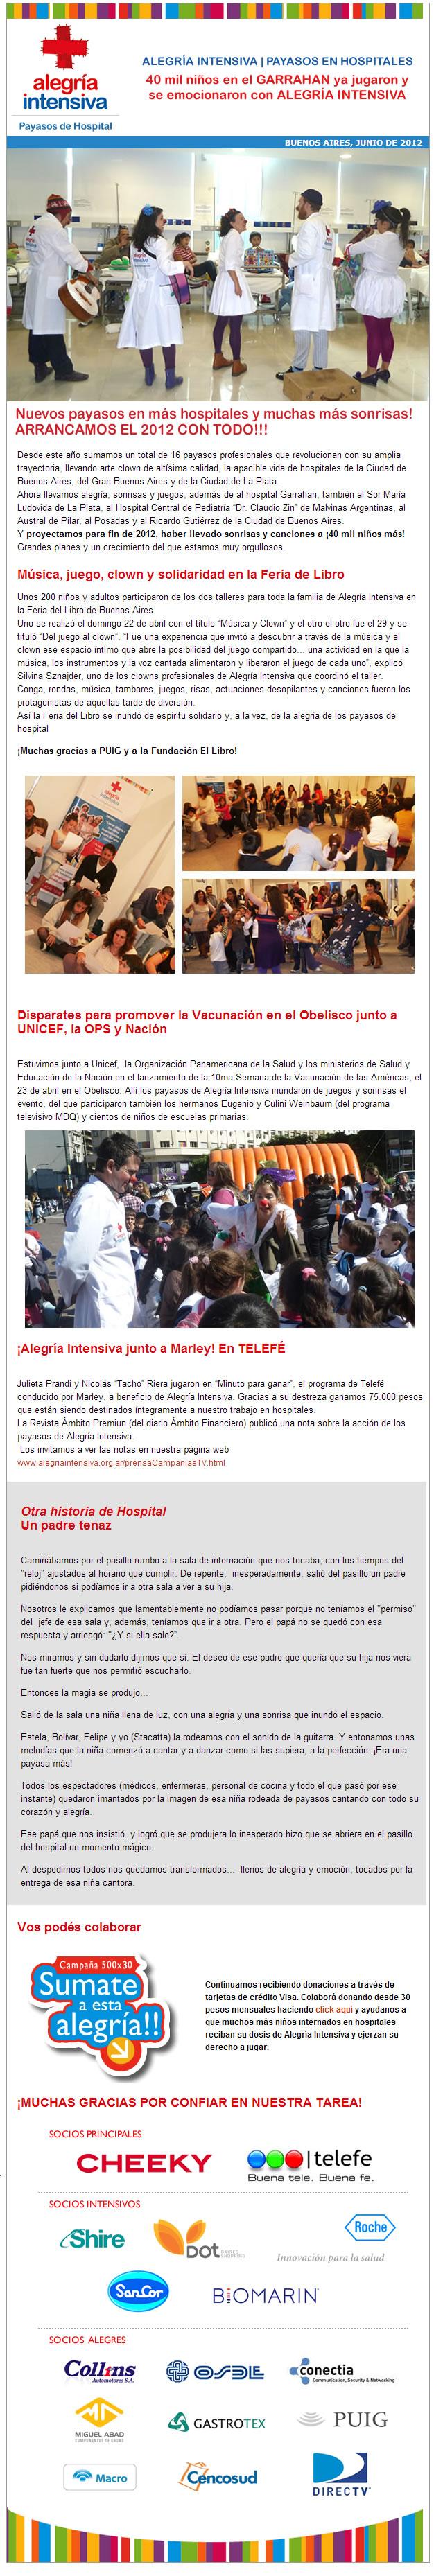 newsletterJunio2012